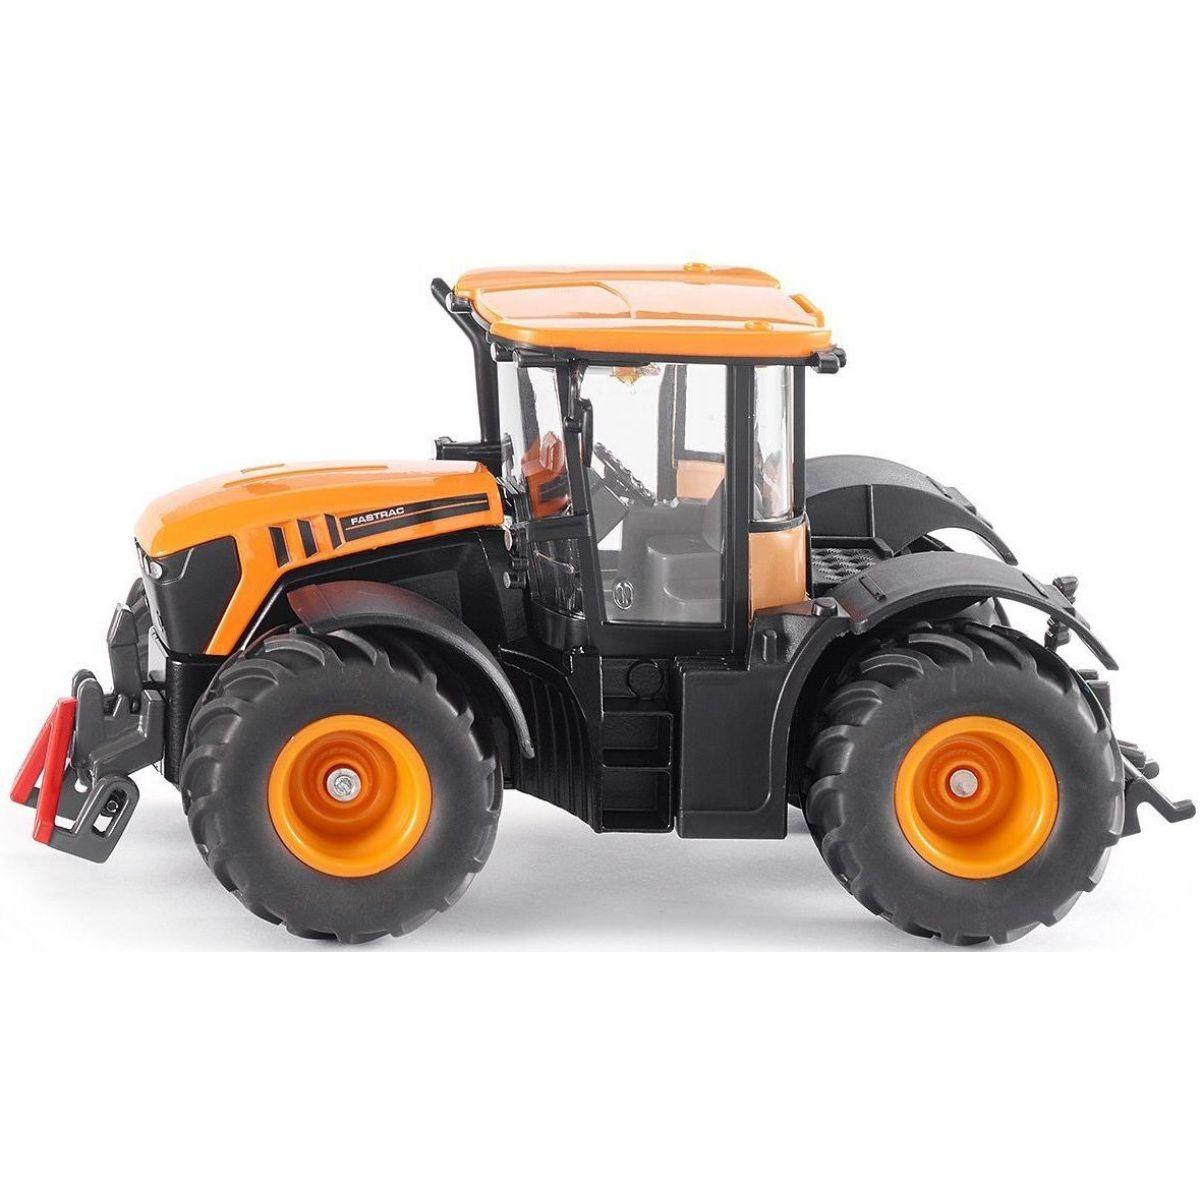 SIKU Siku Farmer Traktor JCB Fastrac 4000 1:32 SIKU